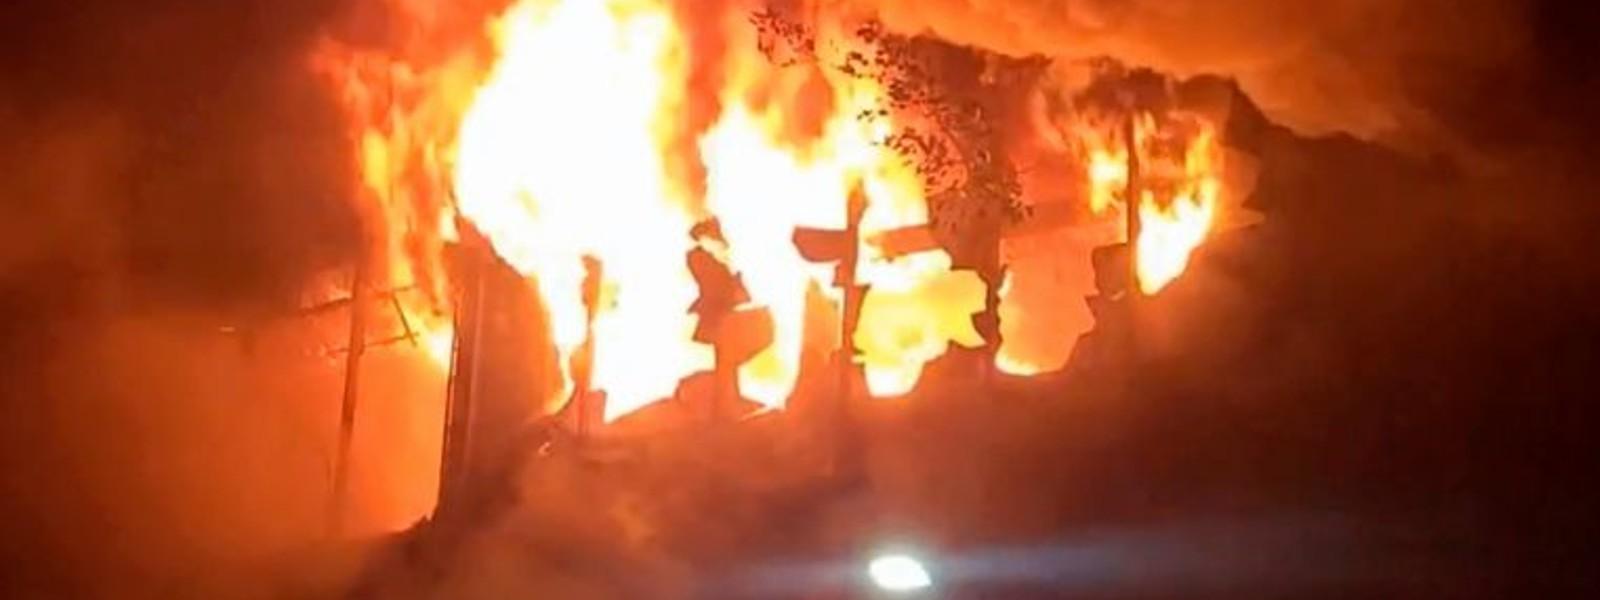 Fire in Taiwan building kills 46